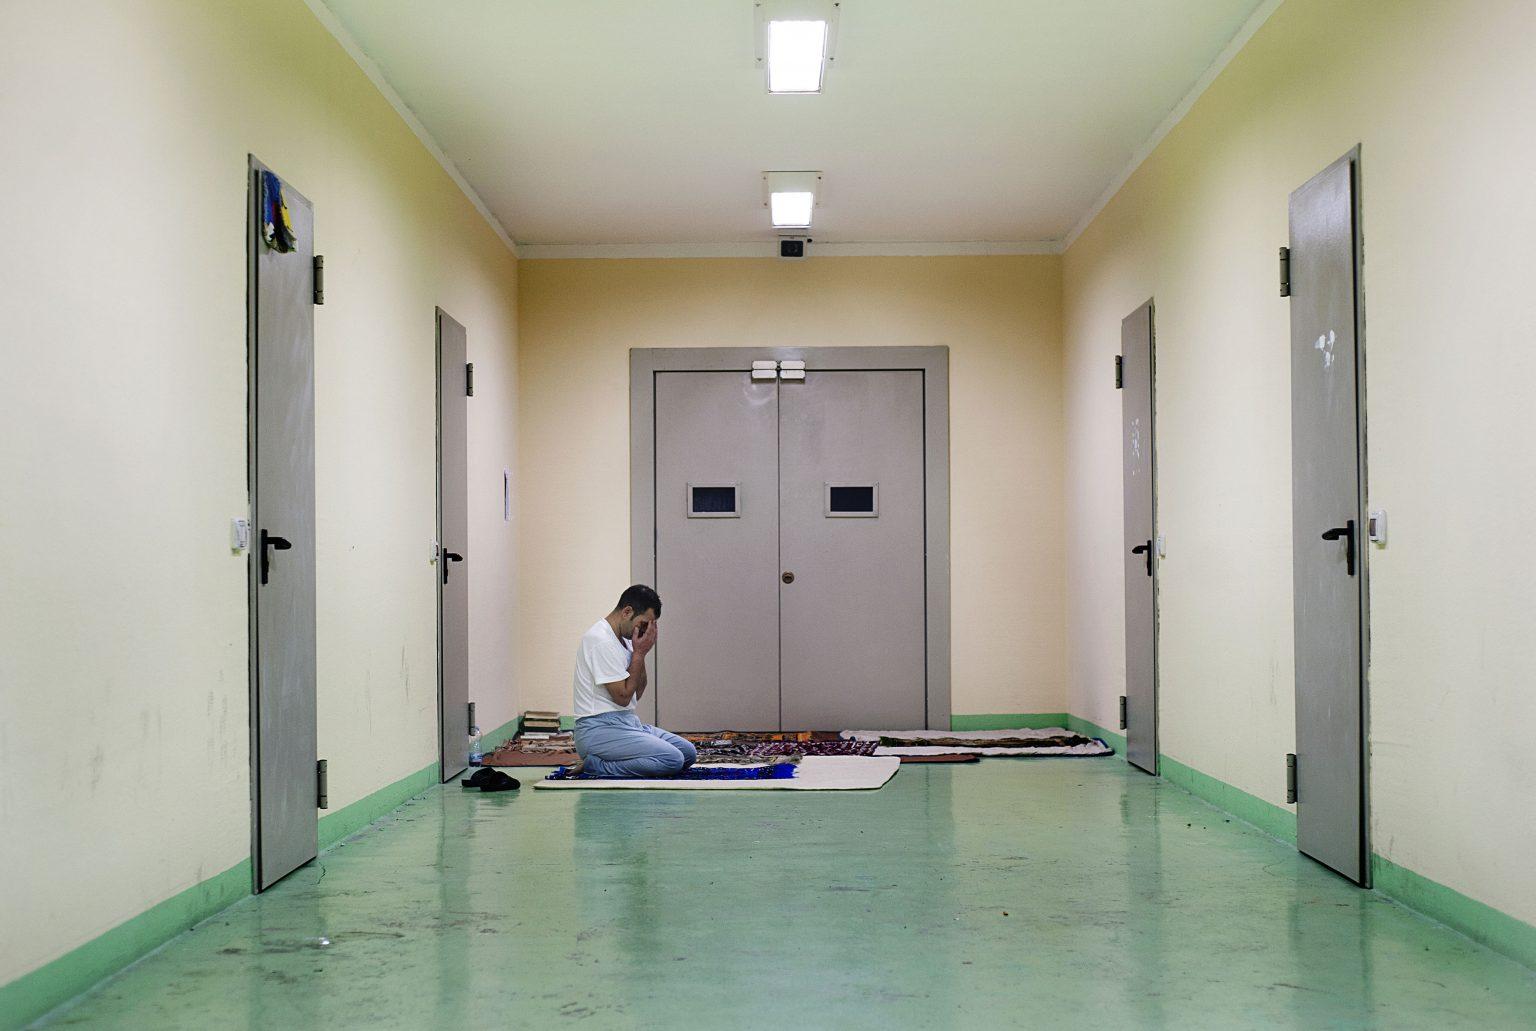 Bari Palese, December 2012  - Identification and expulsion centre - Muslim immigrant praying in a corridor ><  Bari Palese, dicembre 2012 - Centro di identificazione ed espulsione (CIE) - Immigrato musulmano prega nel corridoio *** Local Caption *** 00543842